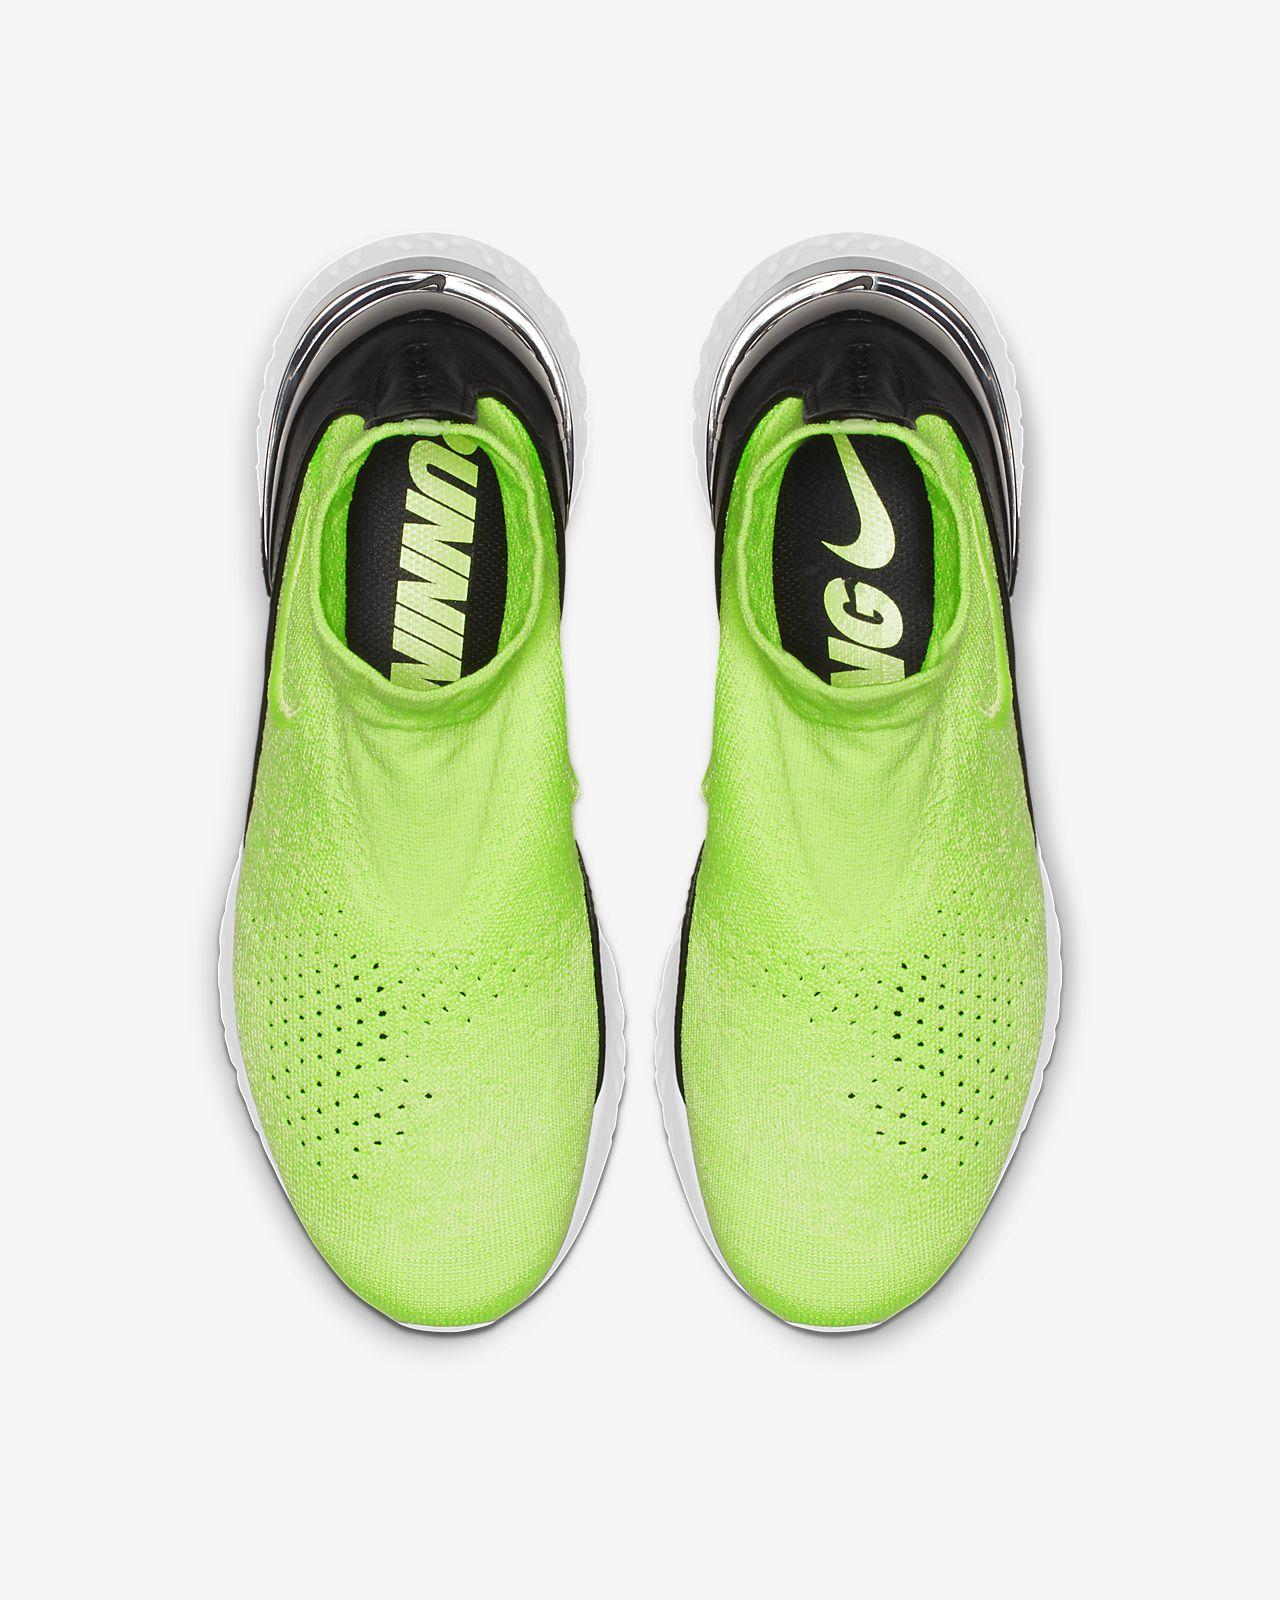 15a19deb0f9c Nike Rise React Flyknit Running Shoe. Nike.com SI